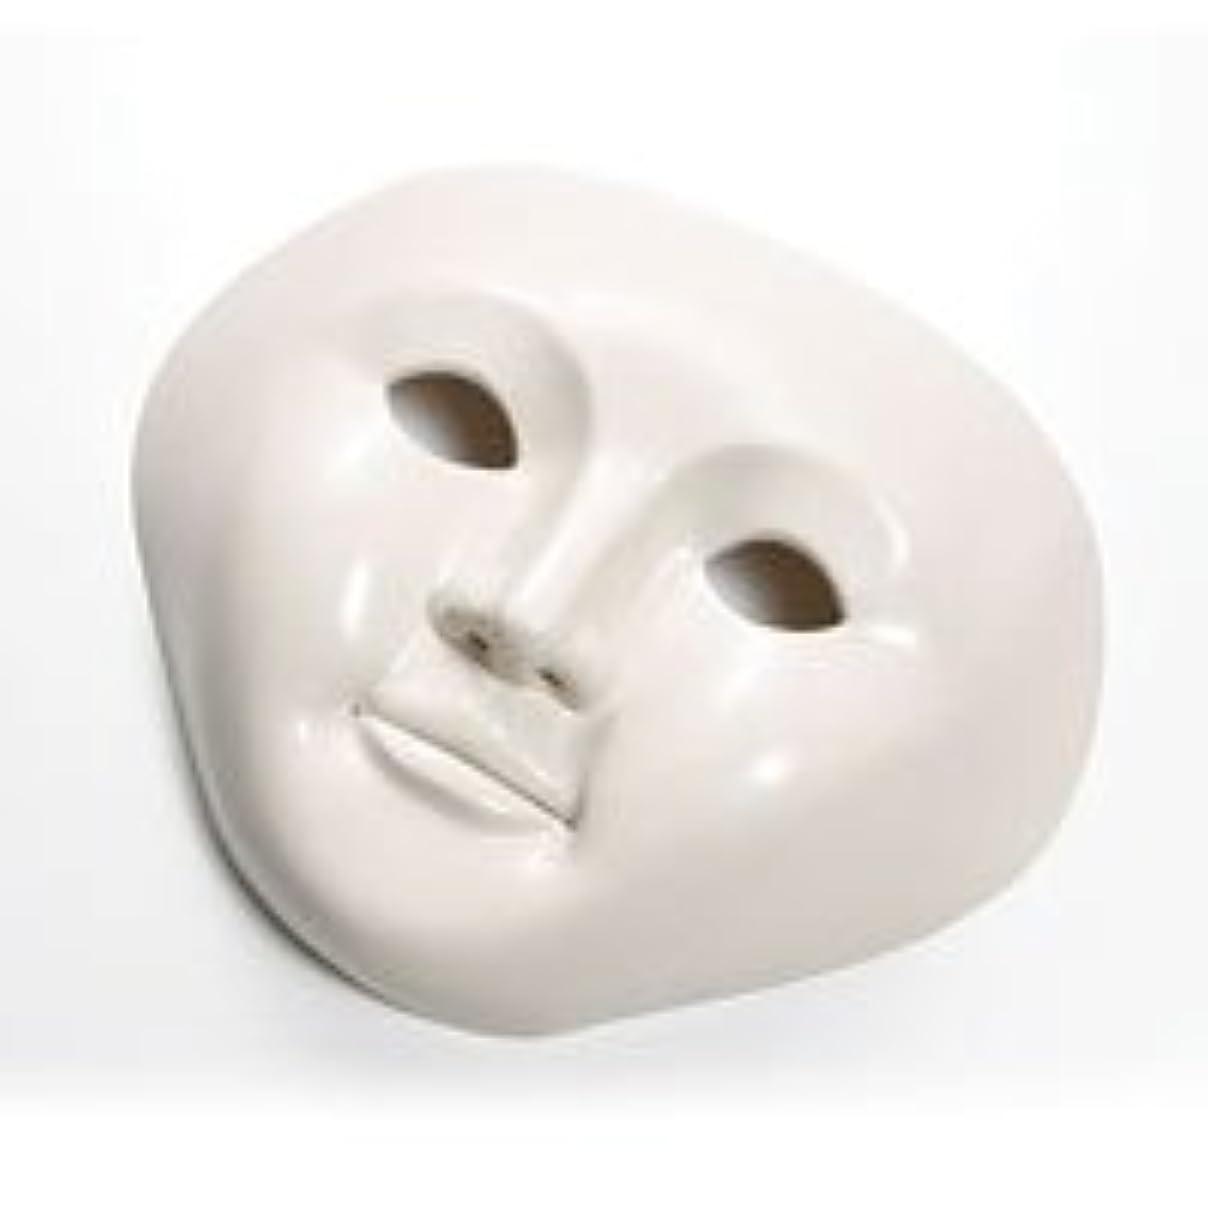 かかわらず実施するばかげている湯の花美人 【ラジウムの美顔マスク】